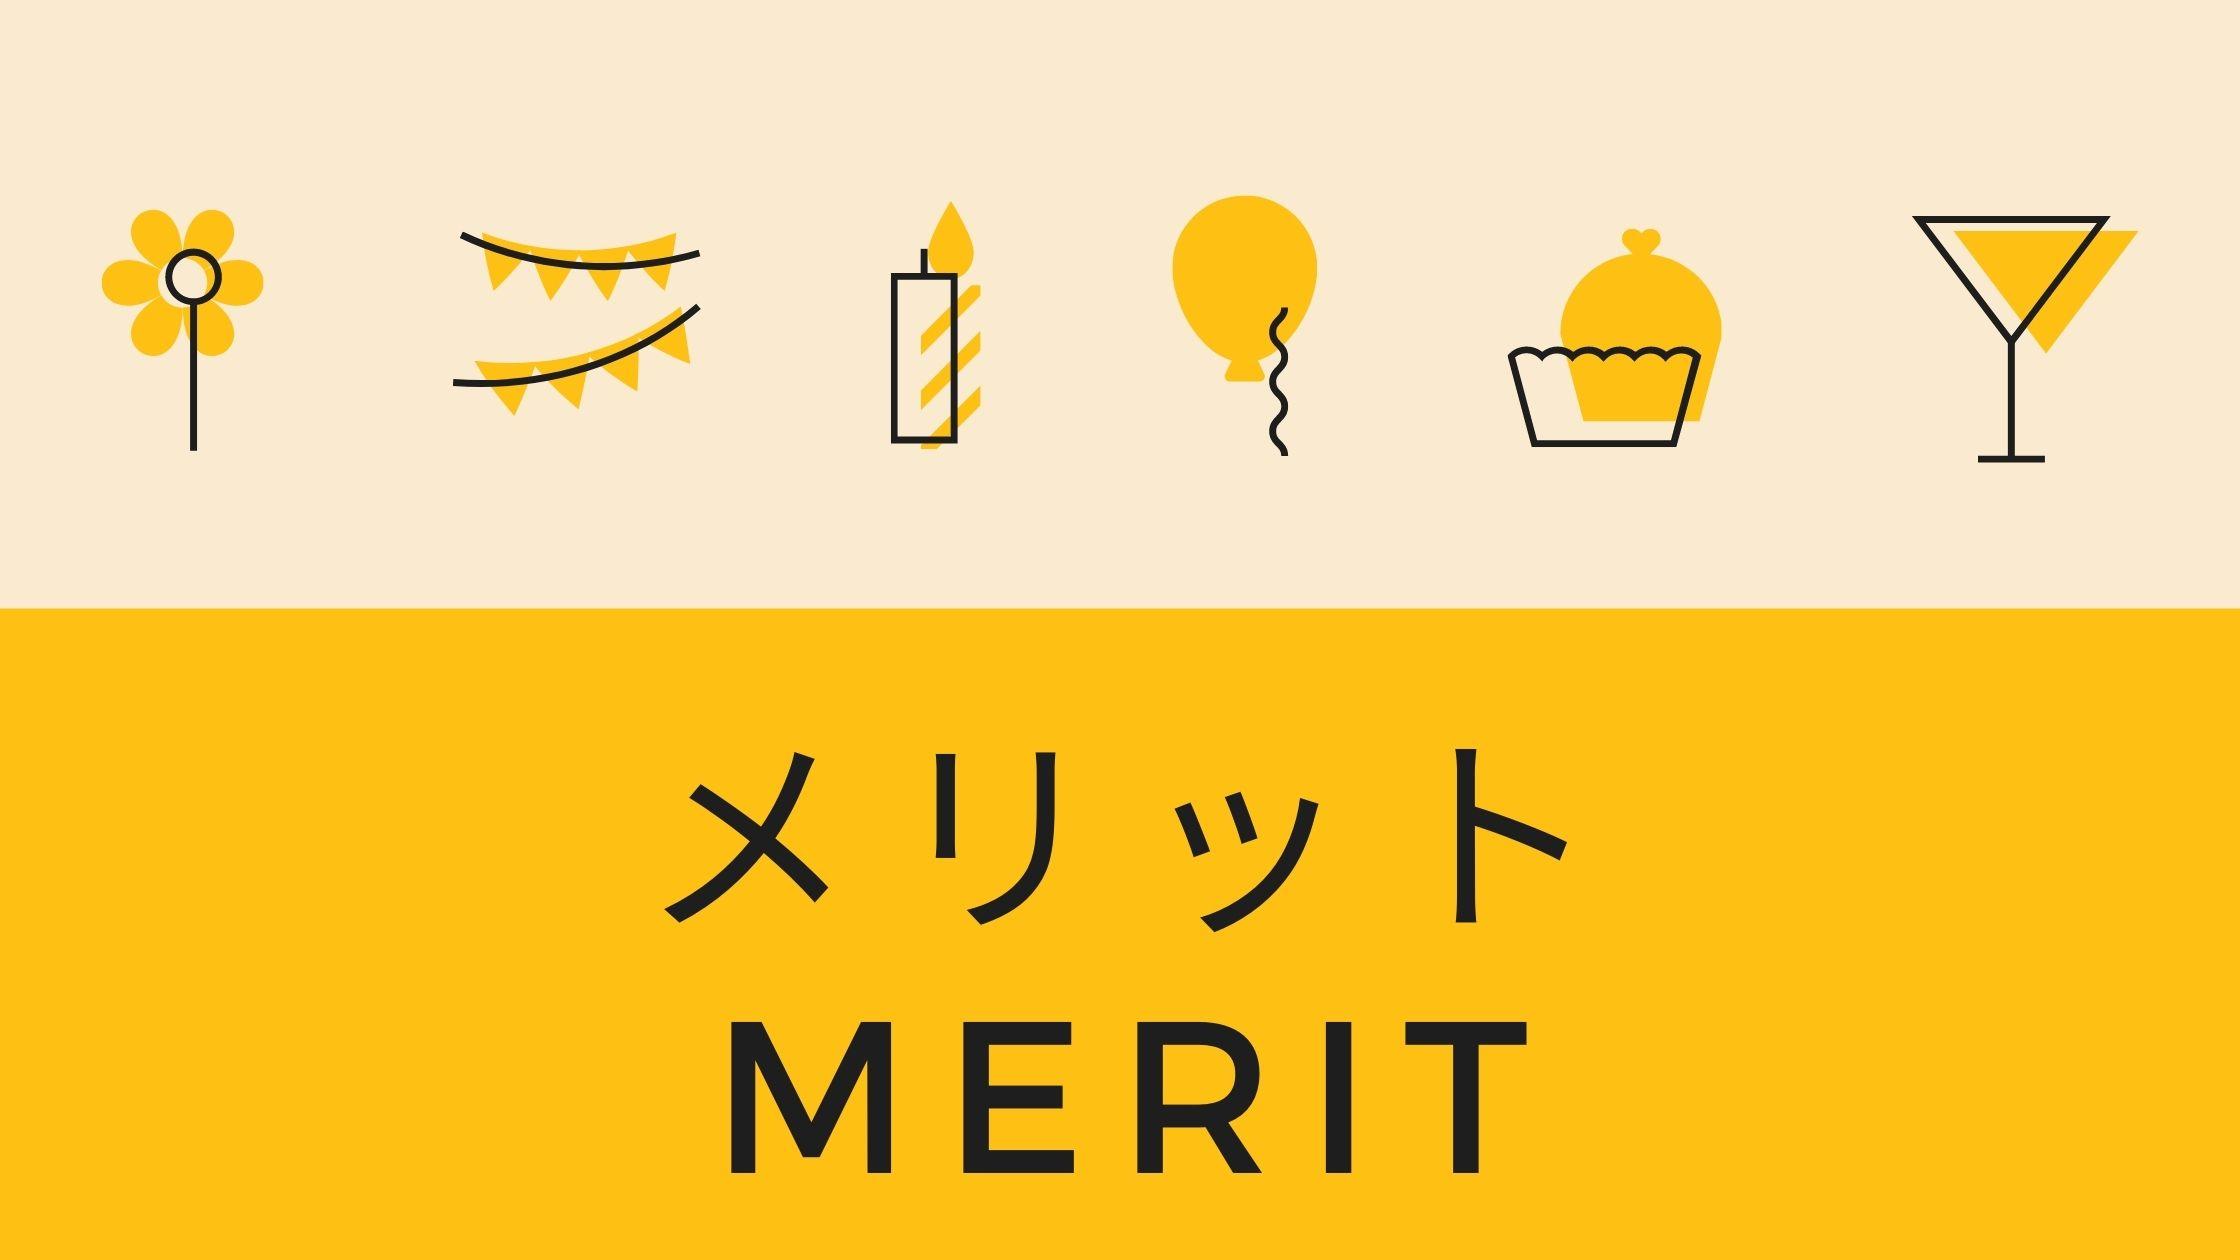 メリットmerit